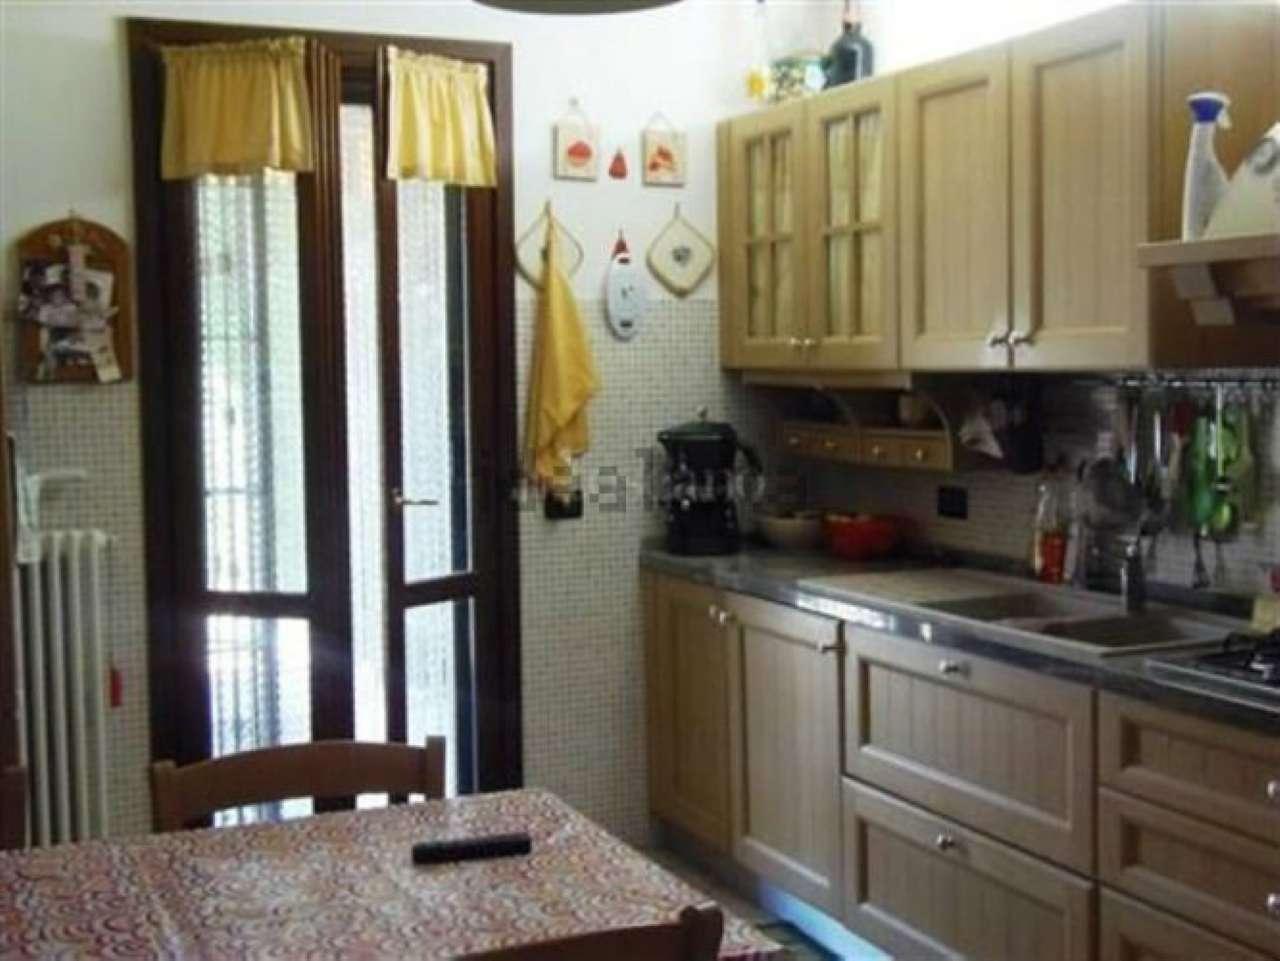 Vendita case e appartamenti a quattro castella for Quattro case letto in vendita